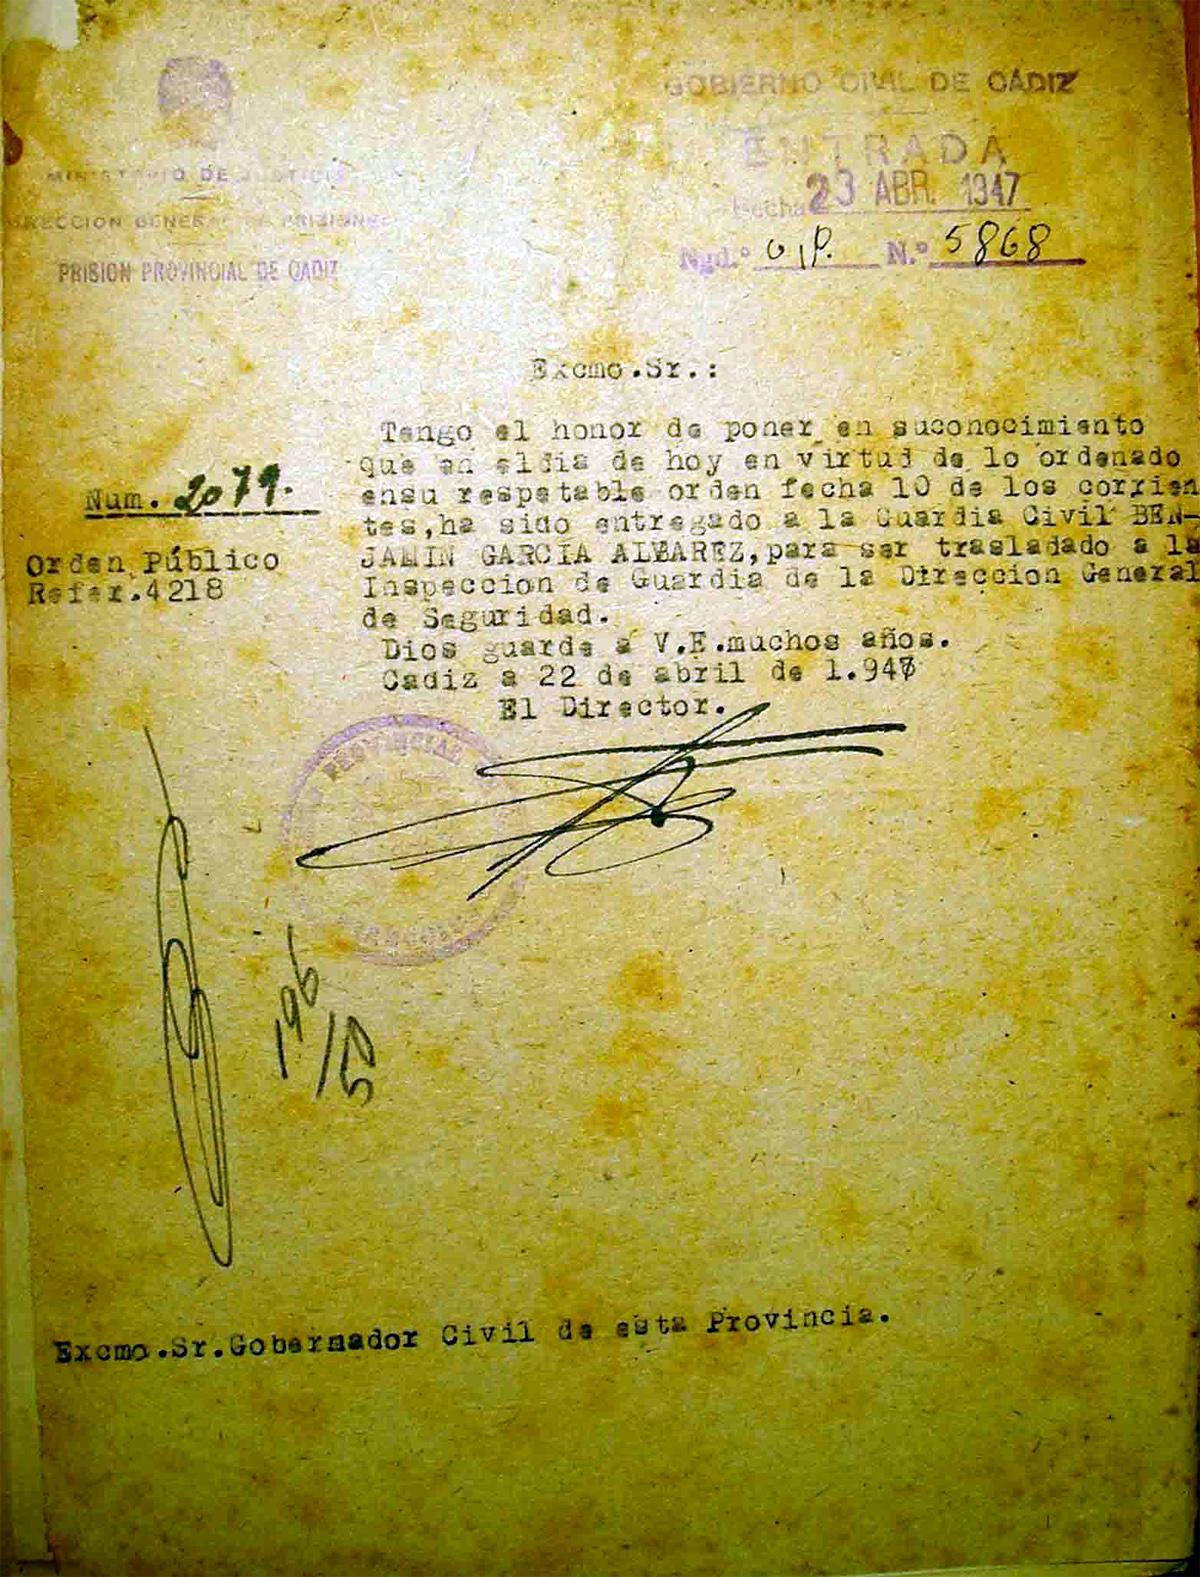 Notificación de entrega a la Guardia Civil de Benjamín García Álvarez